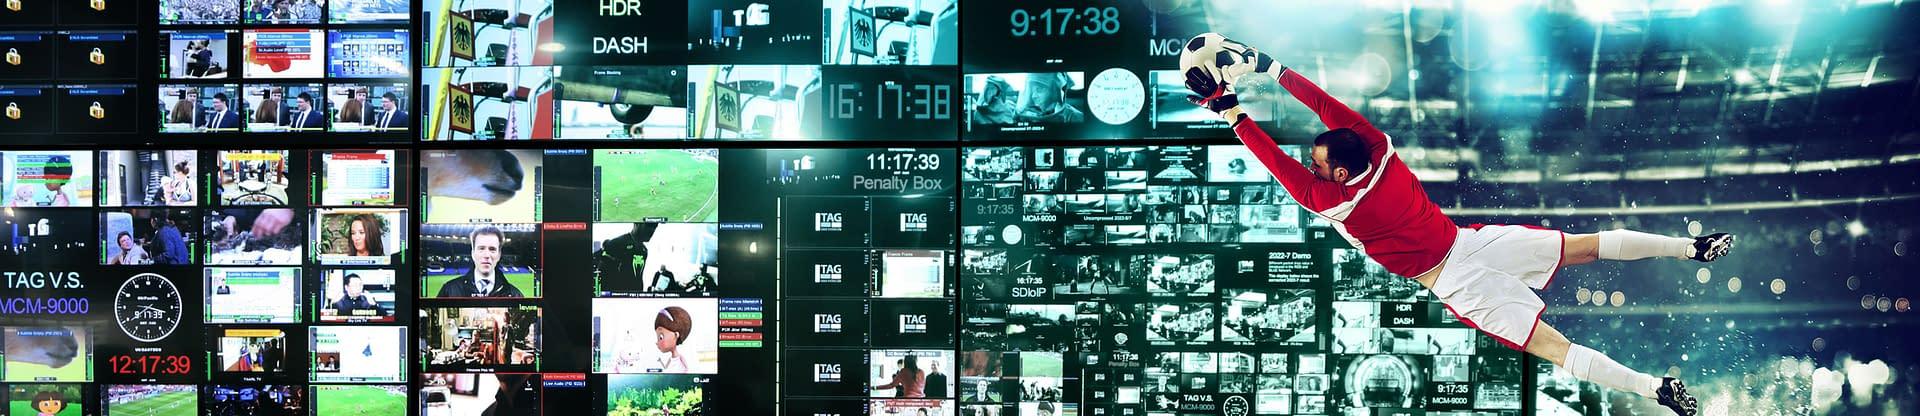 Live production multiviewer case studies